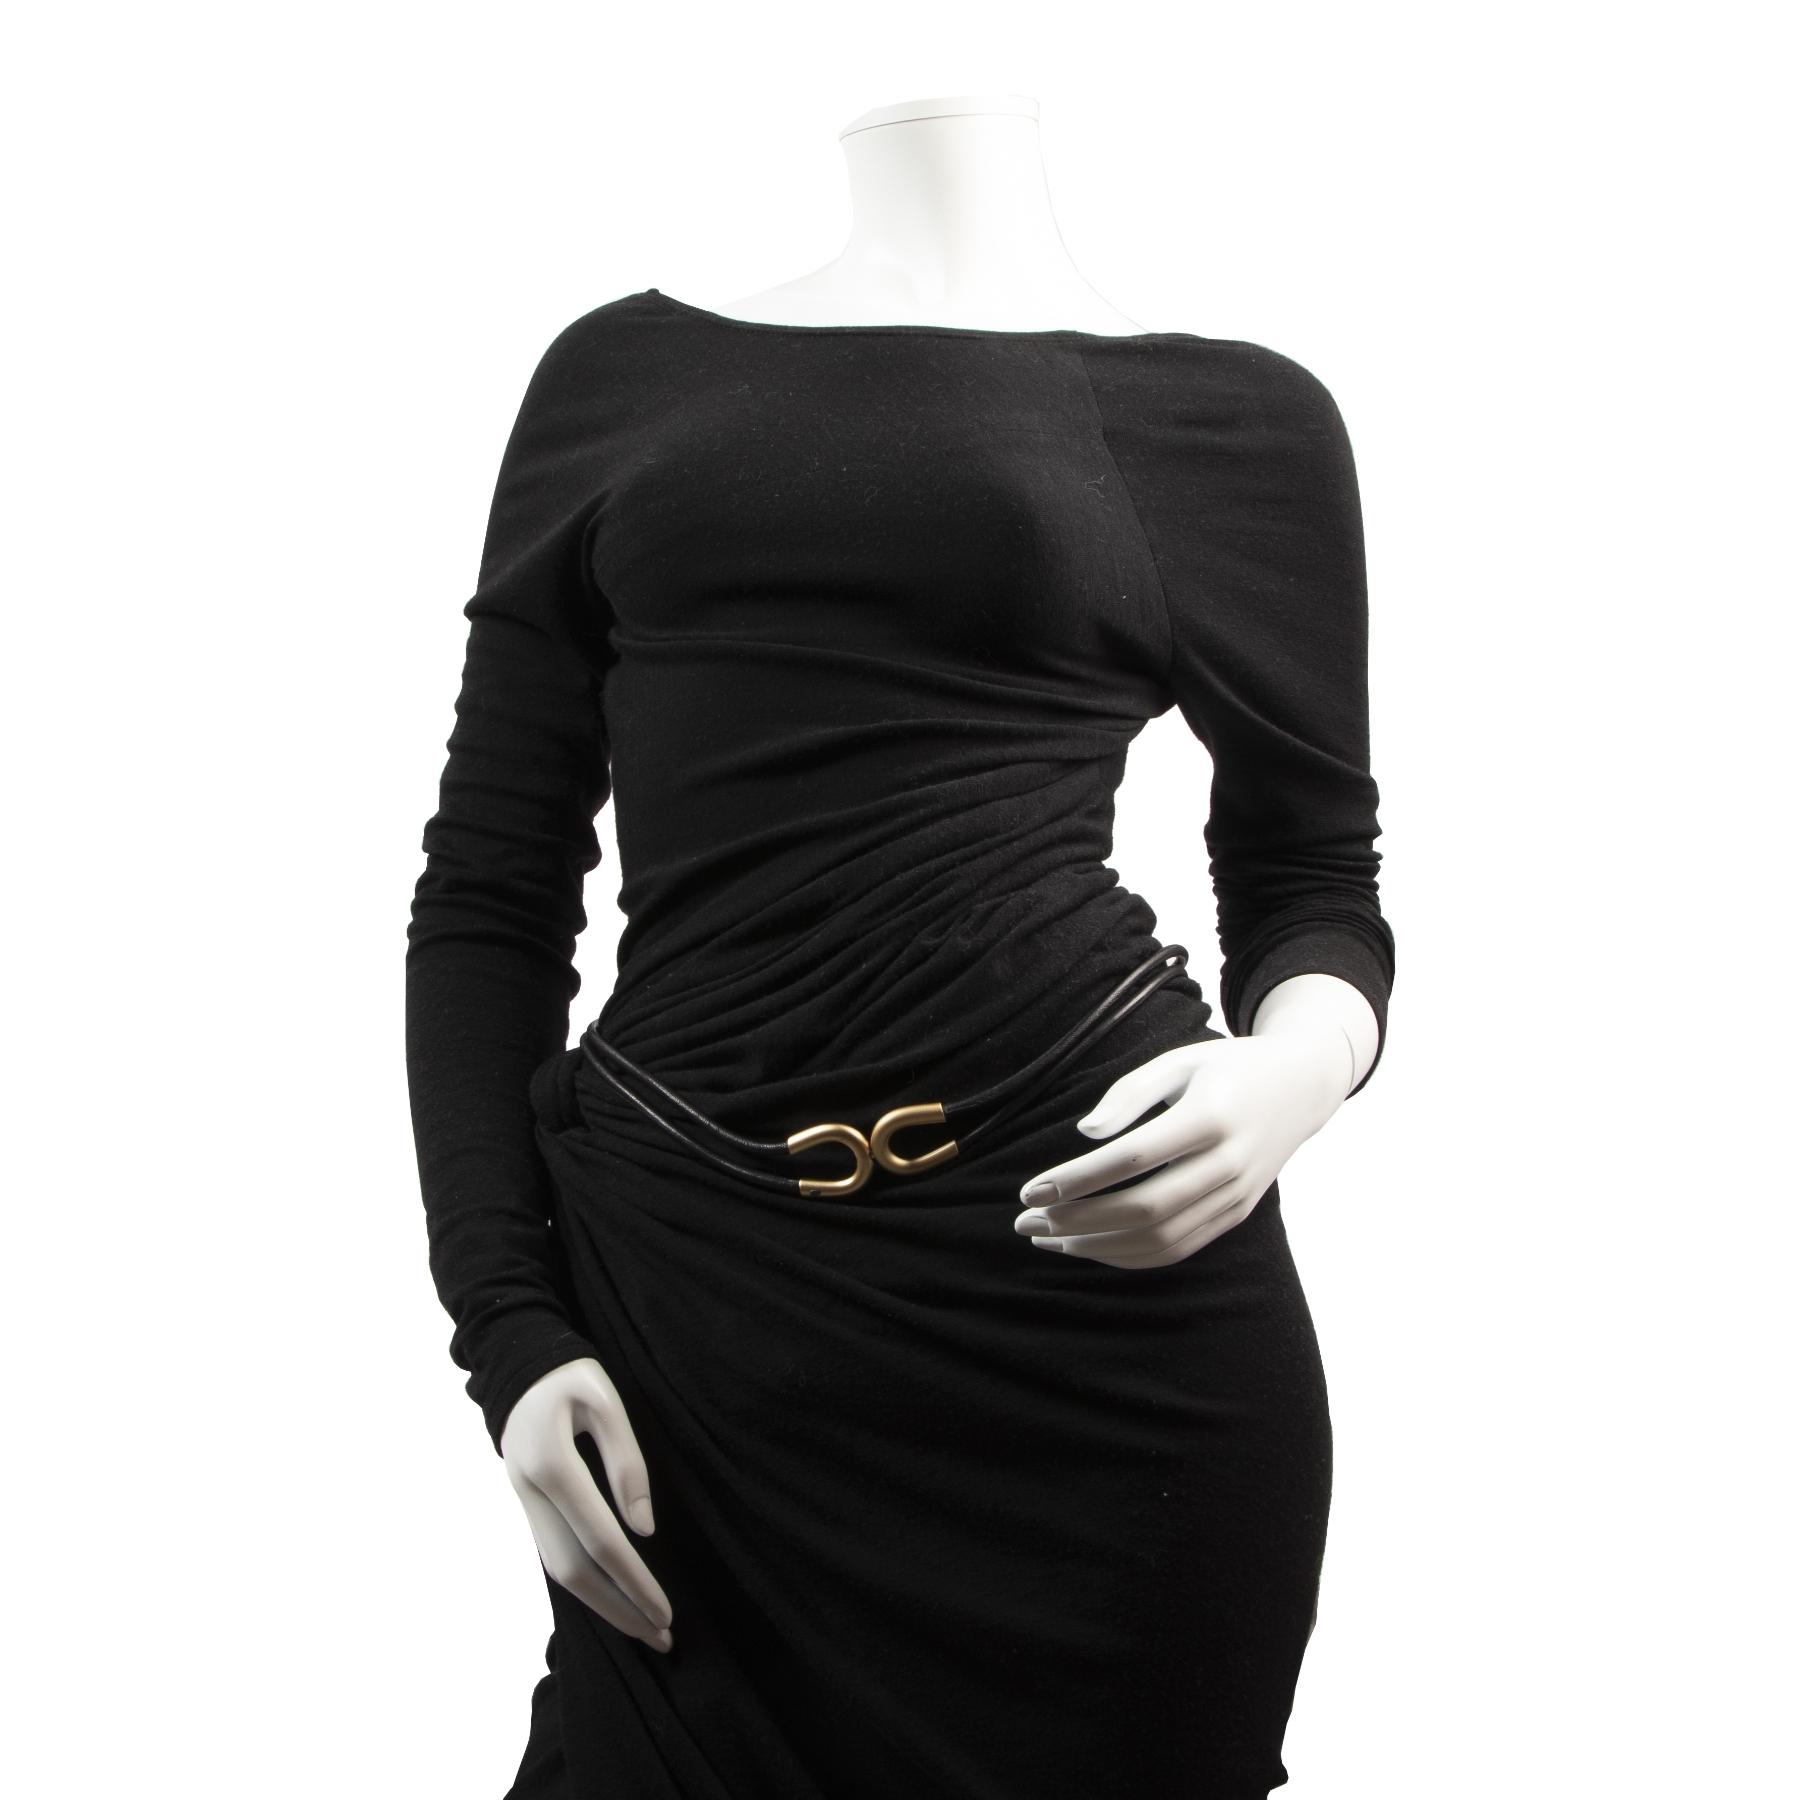 Chanel Black Leather Rope Belt secondhand designer bags online